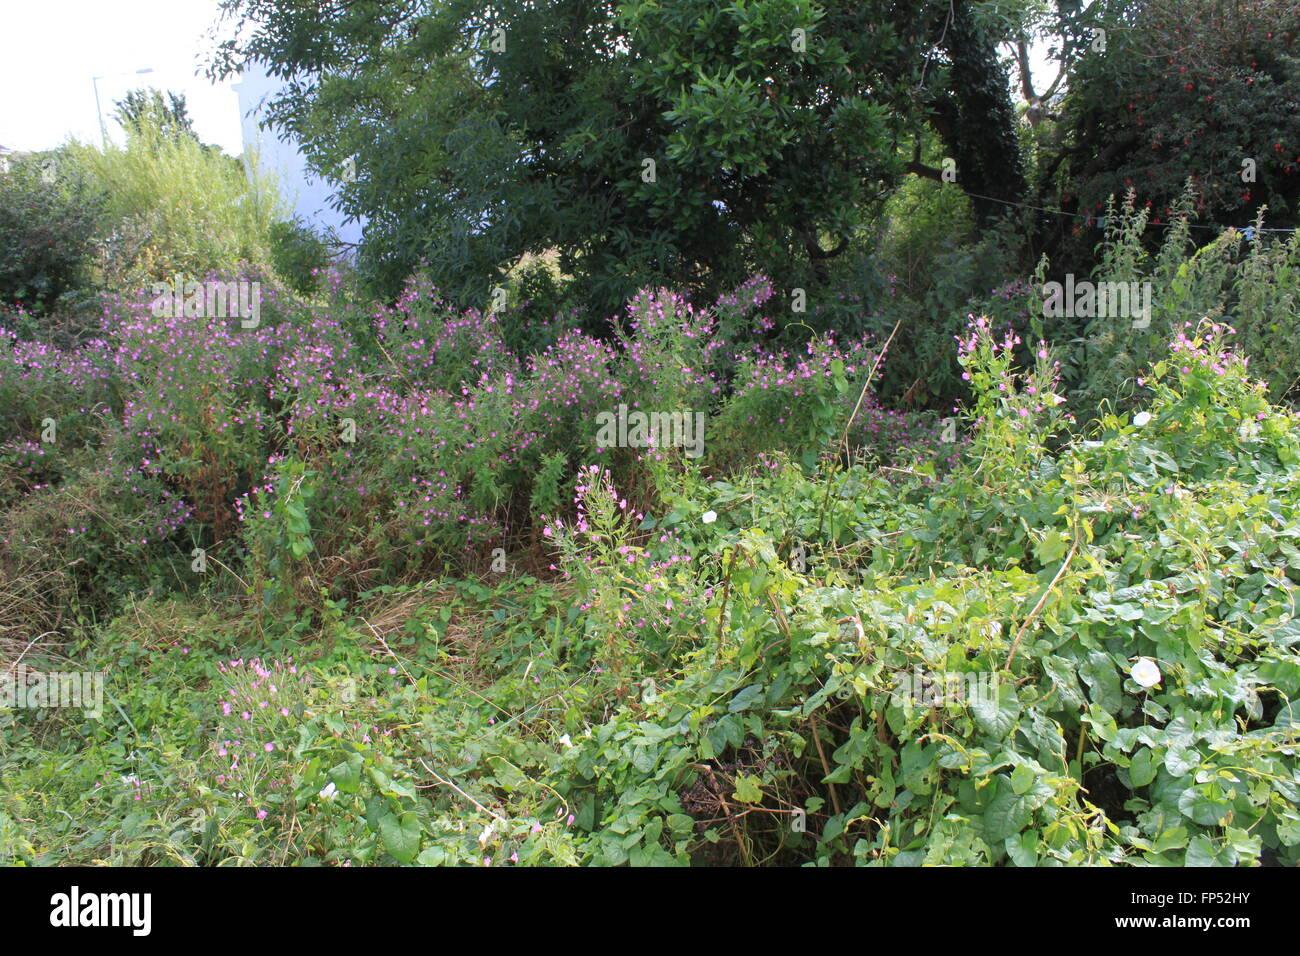 Grossen Verwilderten Garten Zuteilung Oder Brachland Stockfotografie Alamy